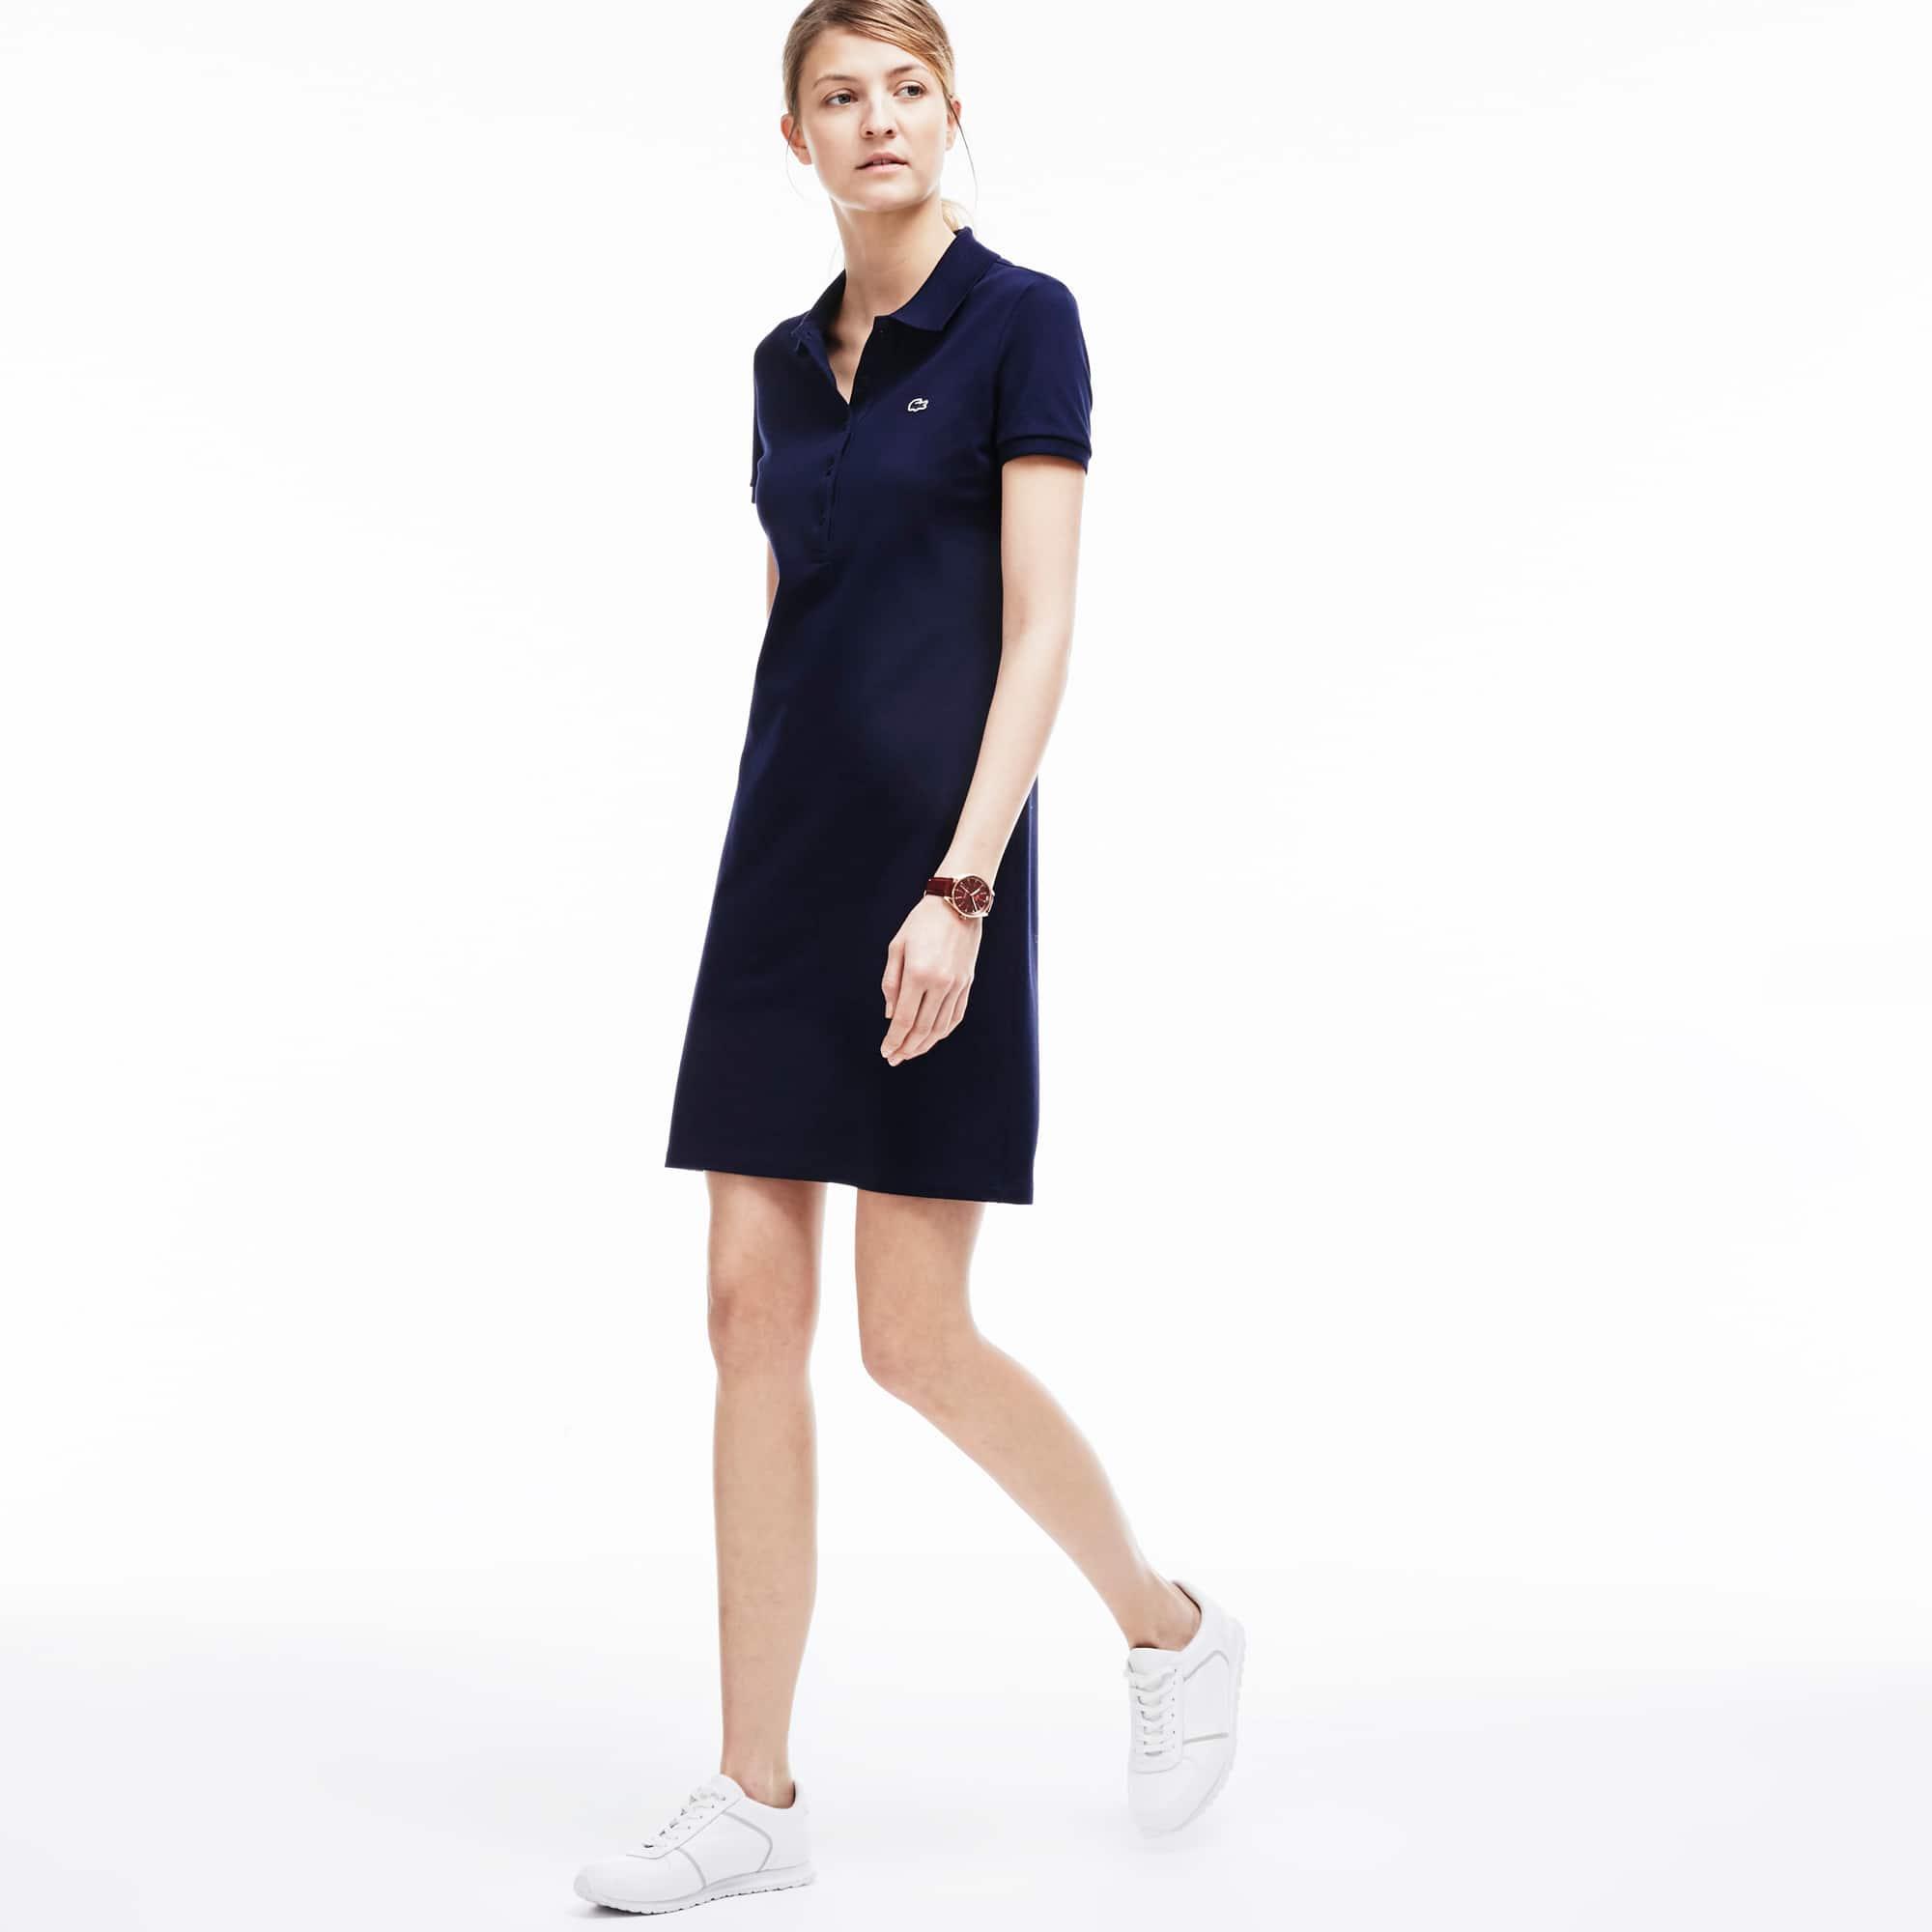 라코스테 폴로 원피스, 스트레치 미니 피케 - 네이비 Lacoste Womens Polo dress in stretch mini pique